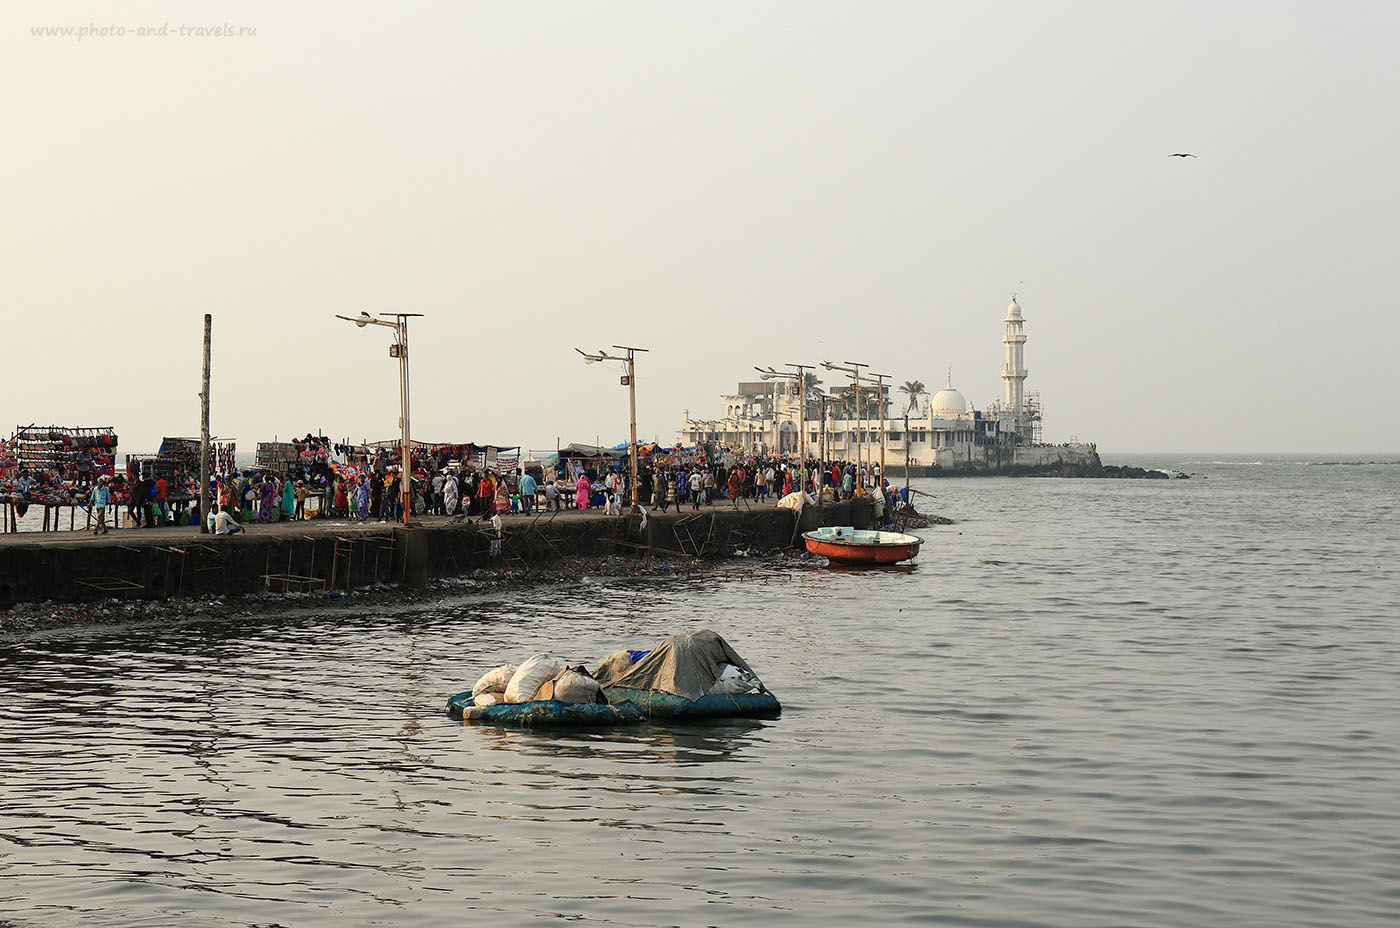 Фото № 25 Дамба, соединяющая берег с островом-мечетью Хаджи Али. Перед путешествием на Гоа мы побывали в Мумбаи. (24-70, 1/320, -1eV, f9, 70 mm, ISO 100)